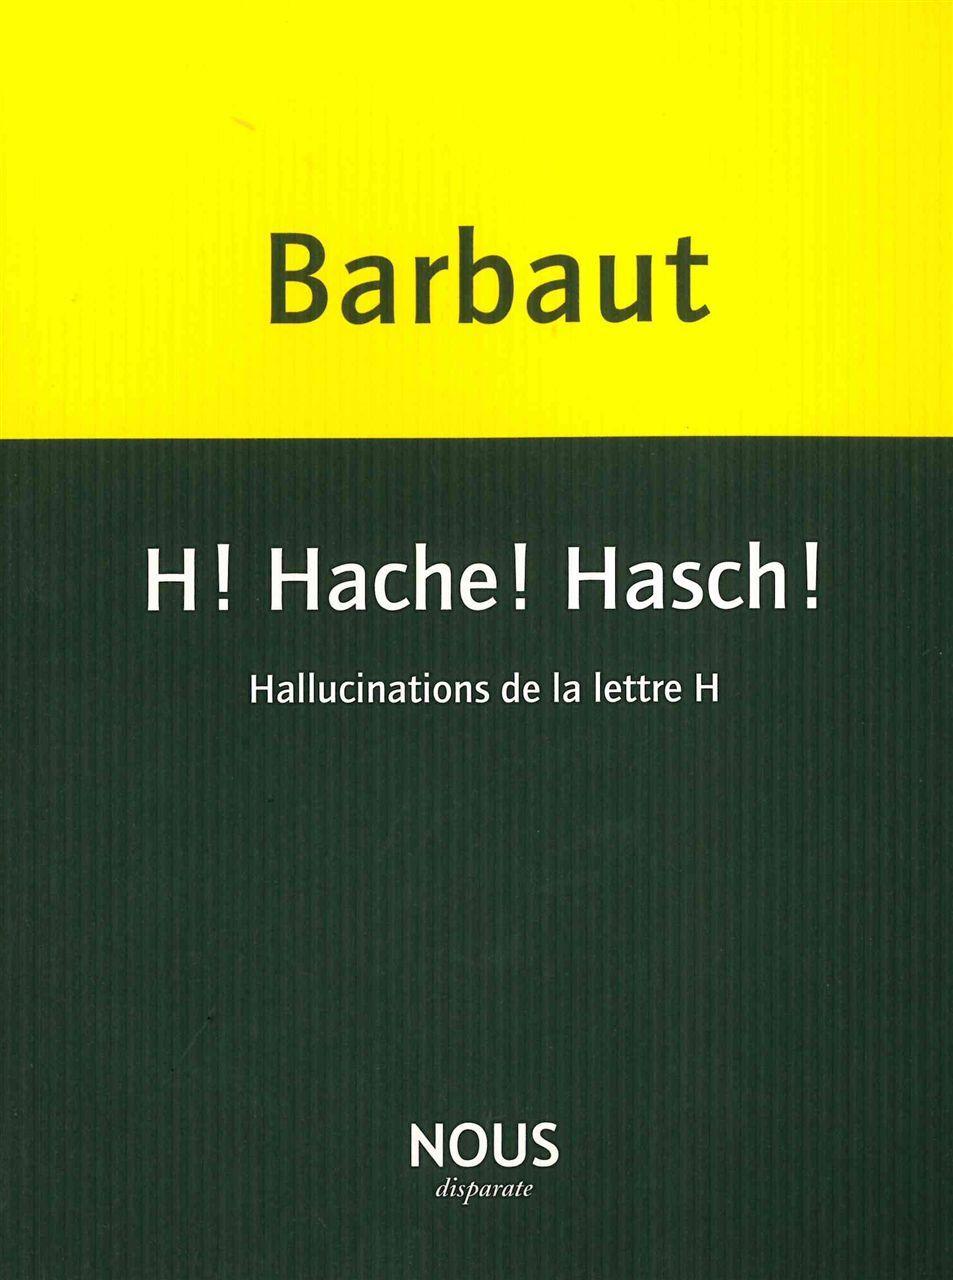 H! HACHE! HASCH! - HALLUCINATIONS DE LA LETTRE H